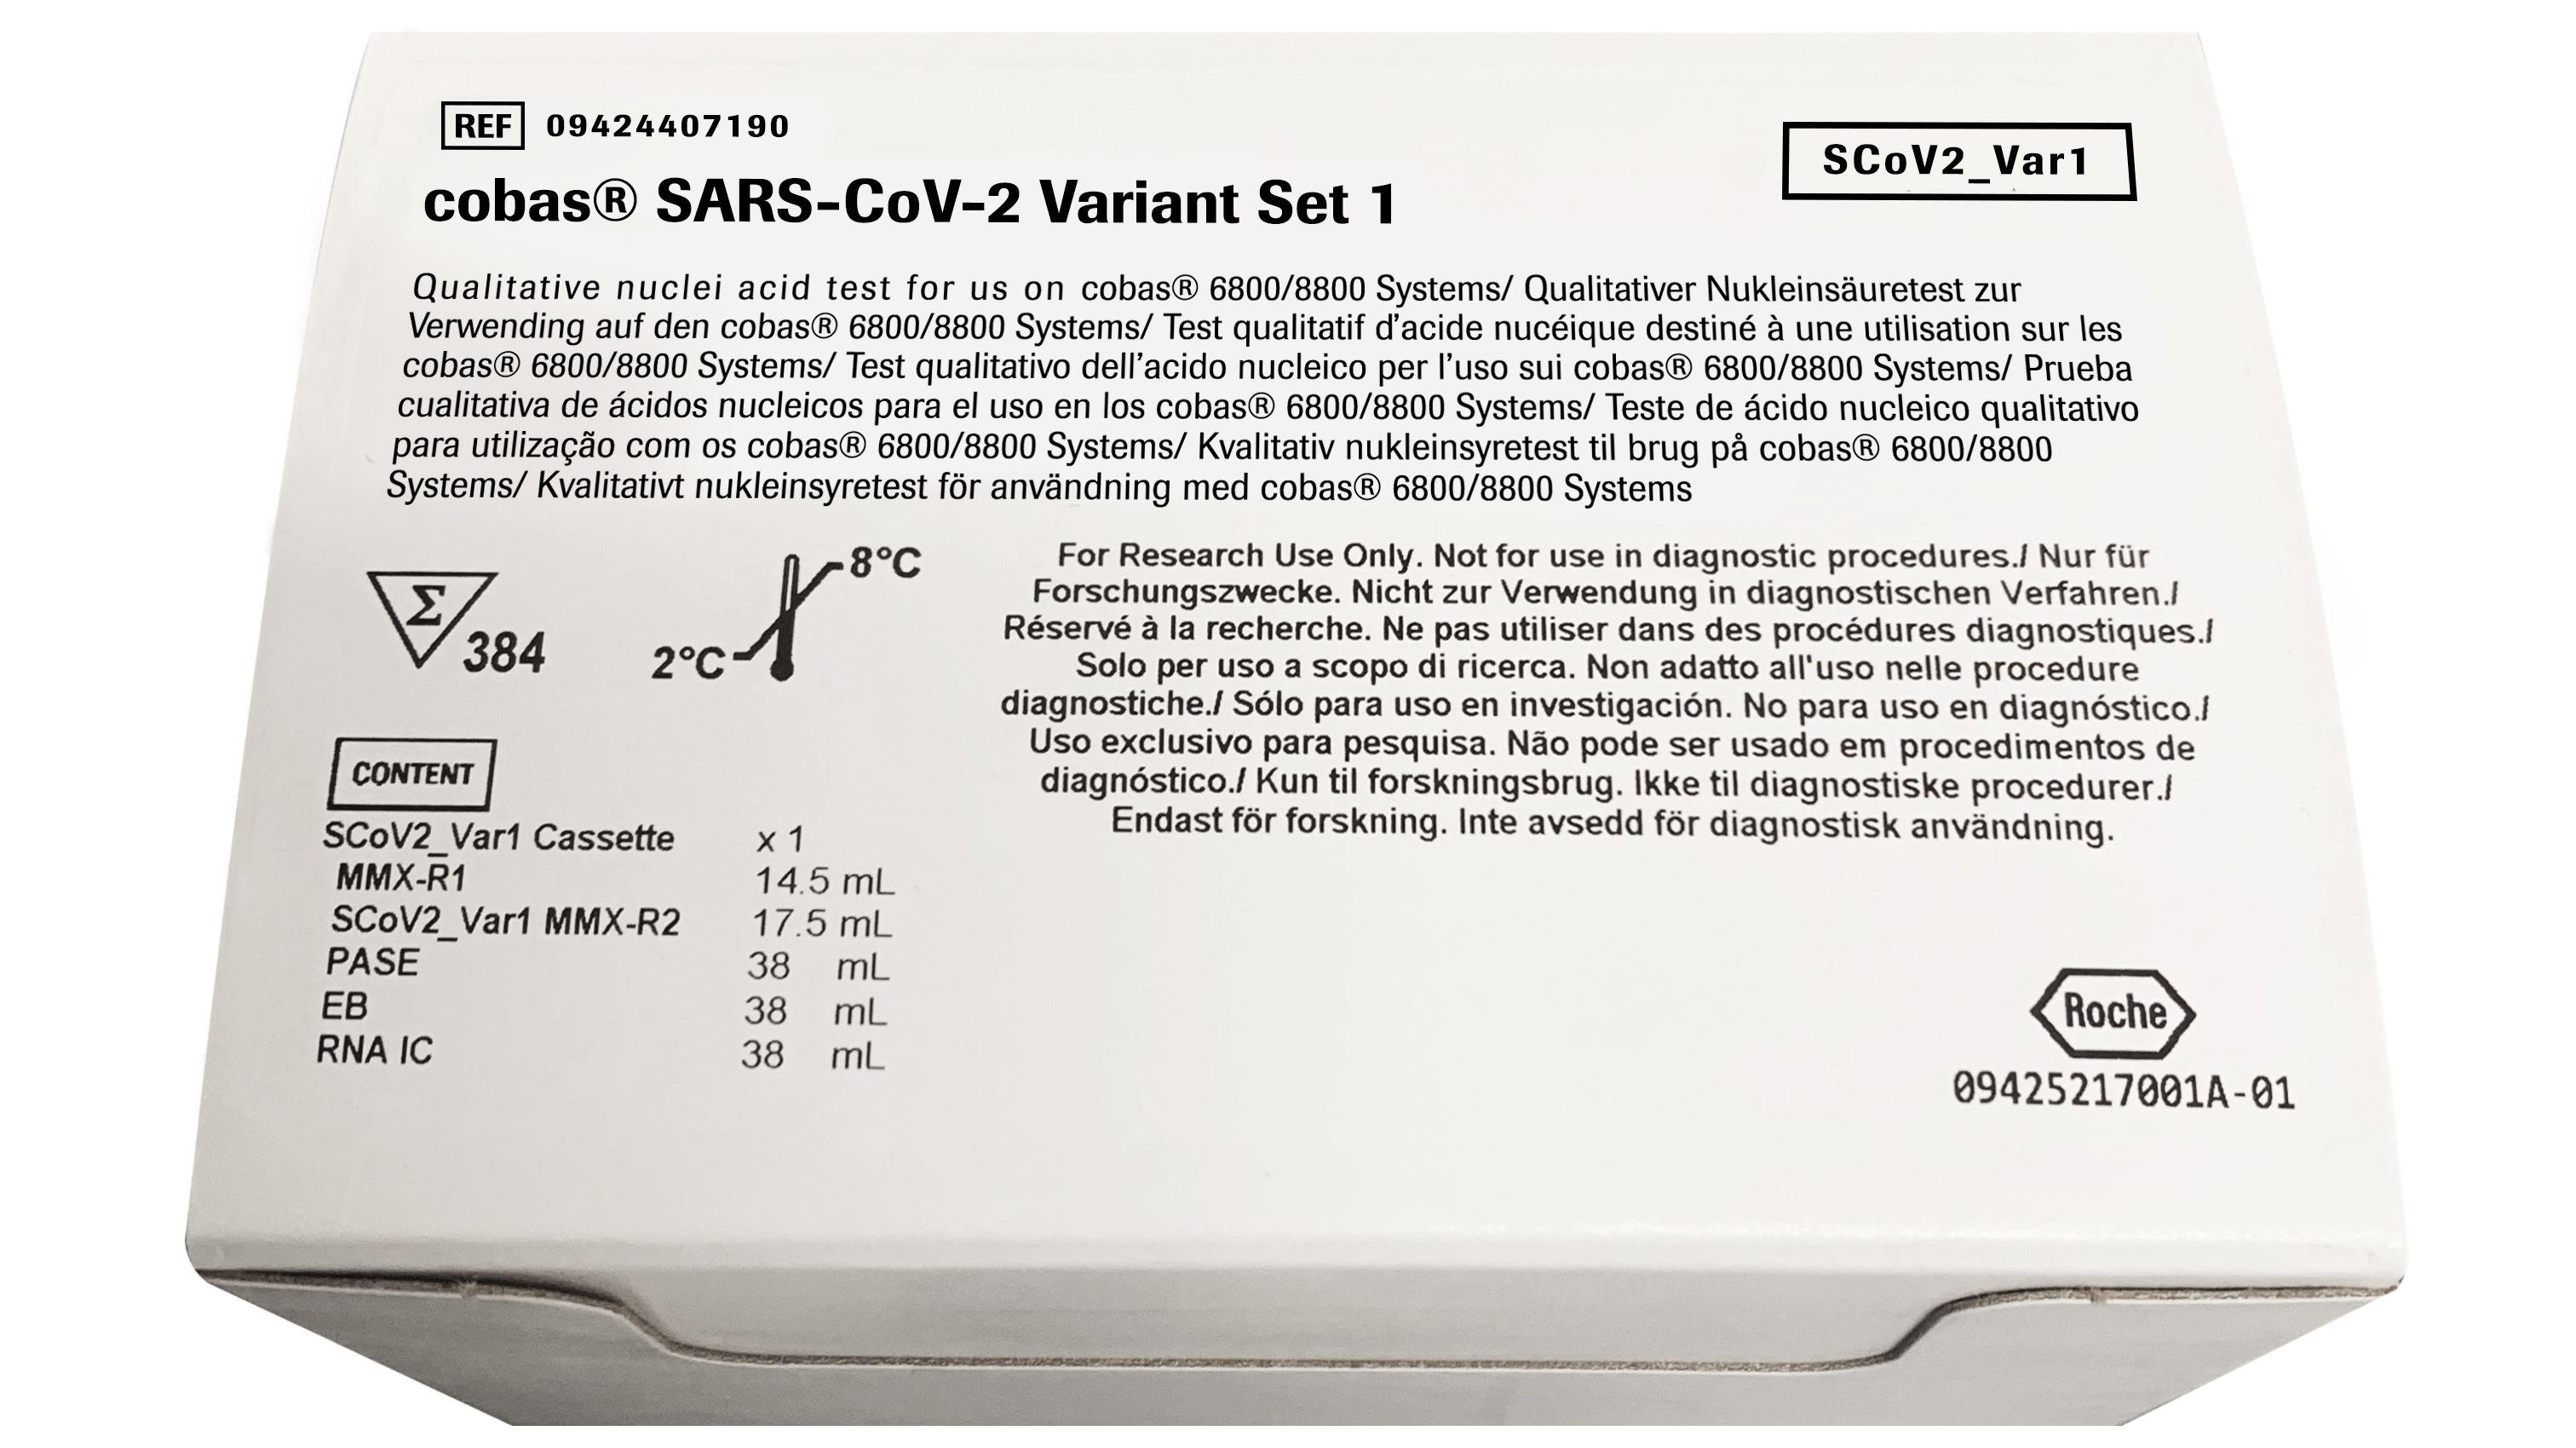 SARS-CoV-2 Variant 1